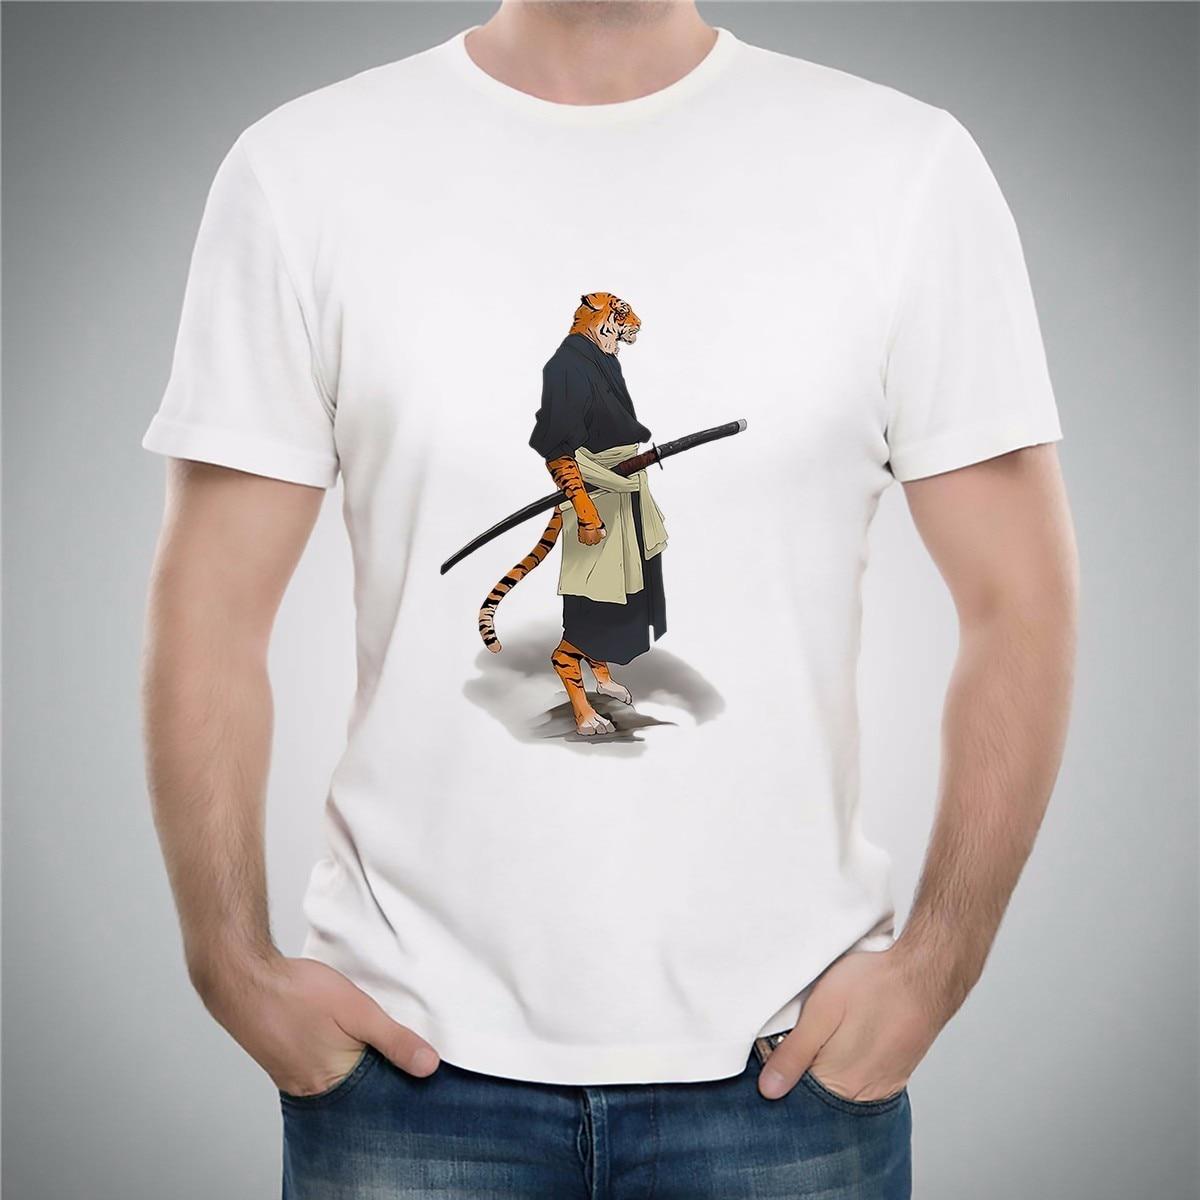 JAPAN կենդանիների Ninja վարպետ Ronin Warrior t shirt - Տղամարդկանց հագուստ